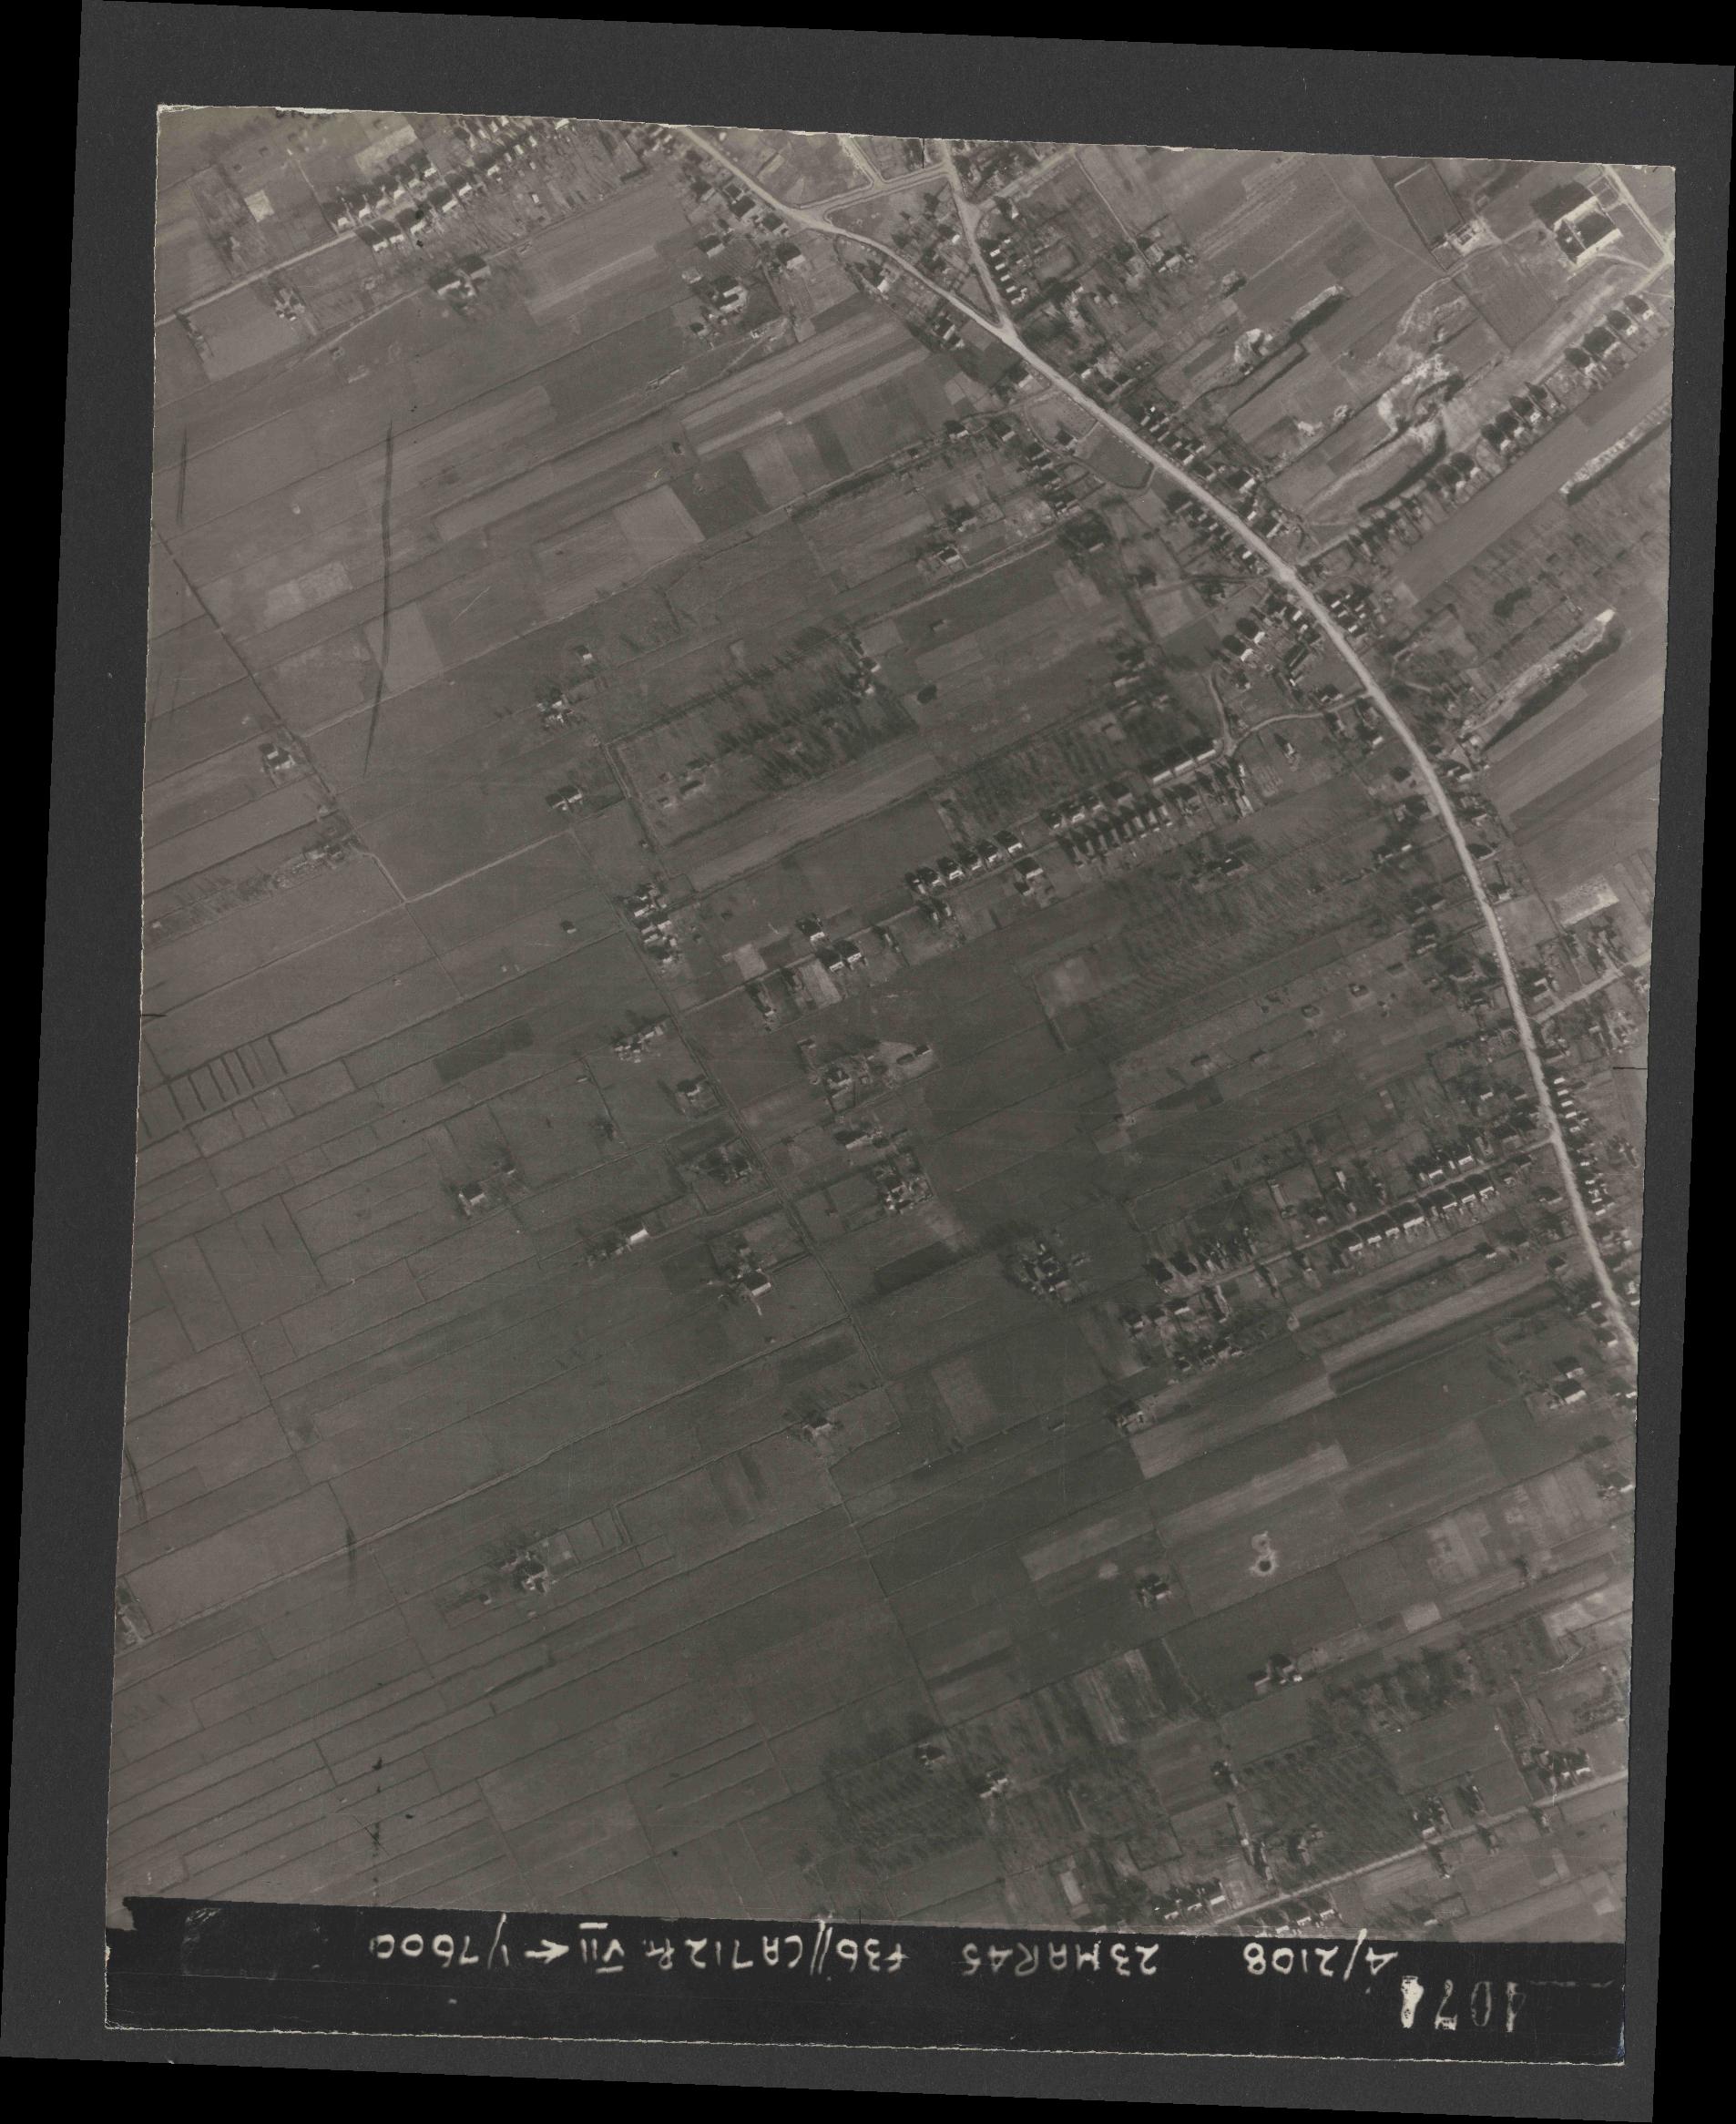 Collection RAF aerial photos 1940-1945 - flight 104, run 10, photo 4074